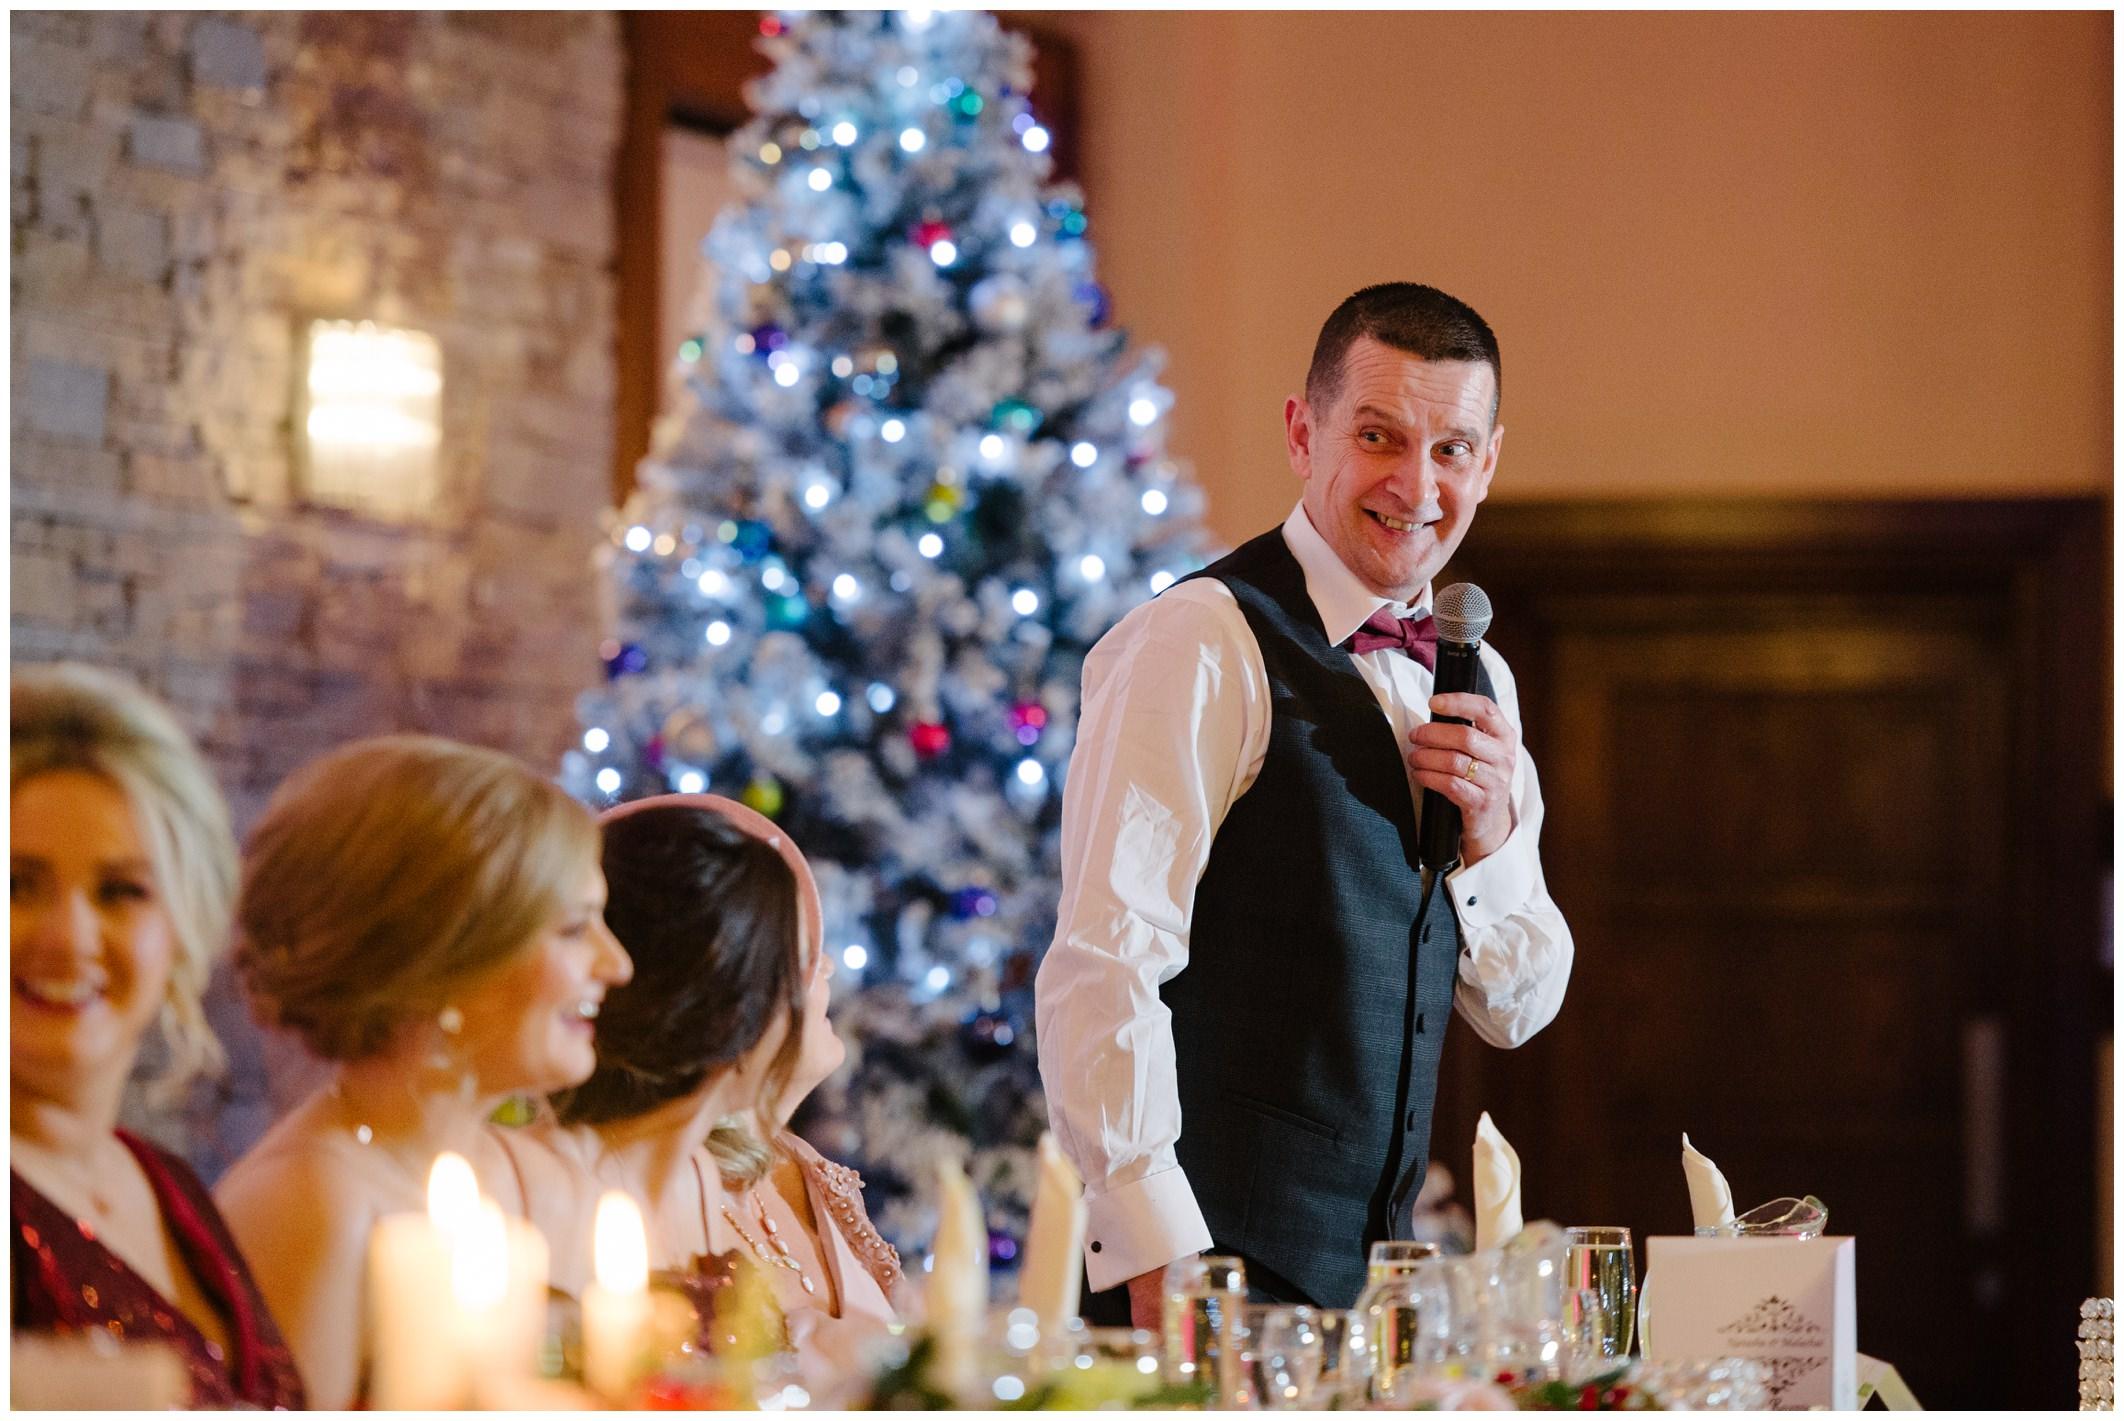 silver_tassie_wedding_jude_browne_photography_0101.jpg